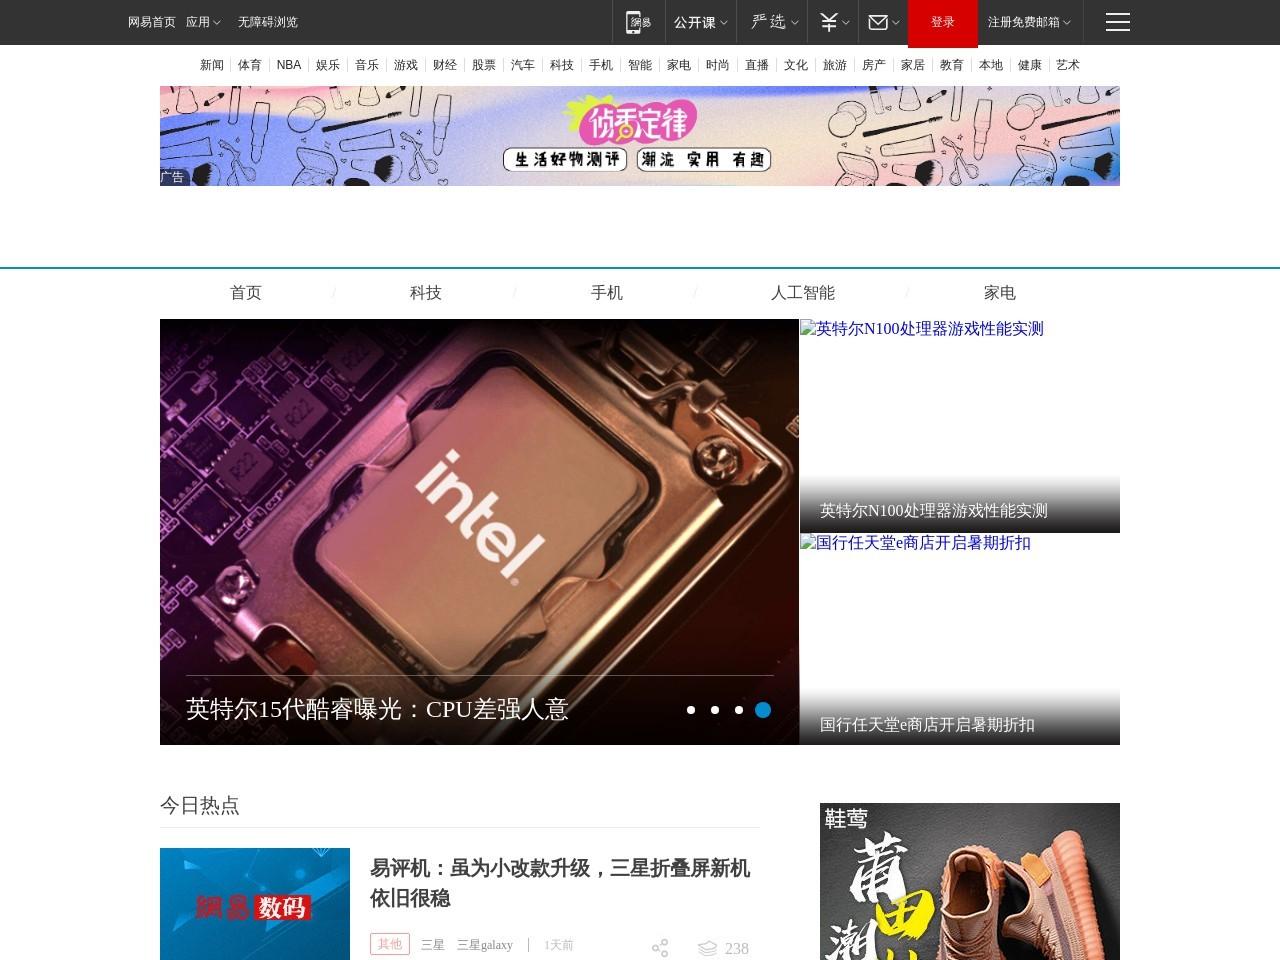 网易-数码频道